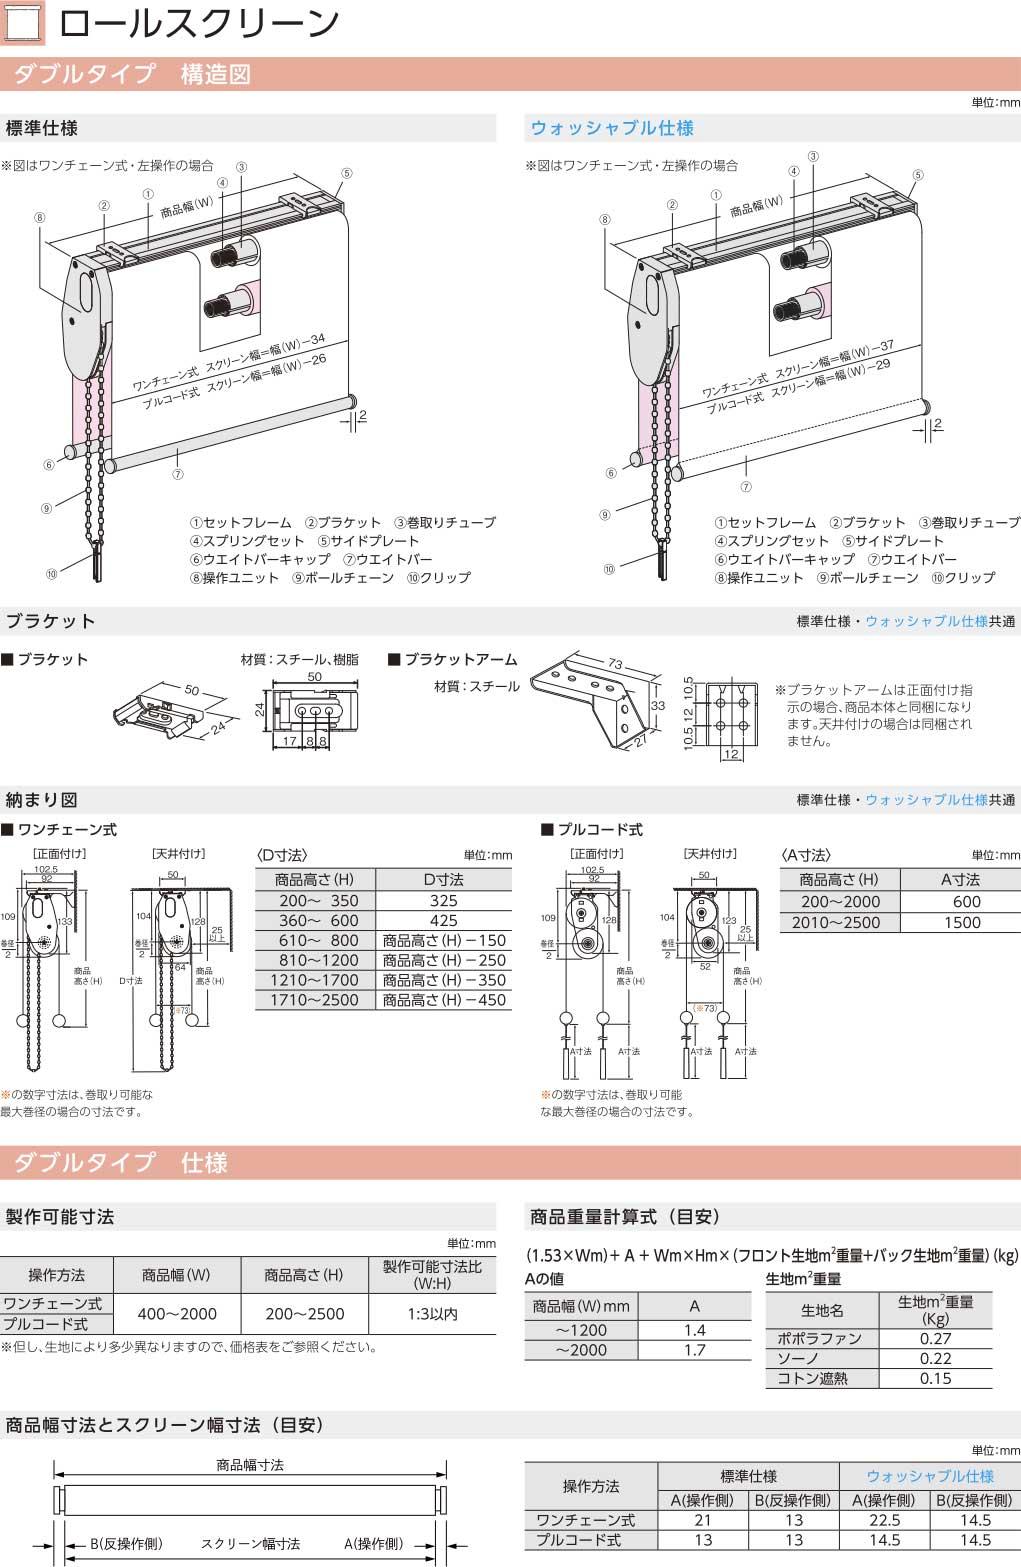 ニチベイ ロールスクリーン ダブルタイプ構造図 仕様